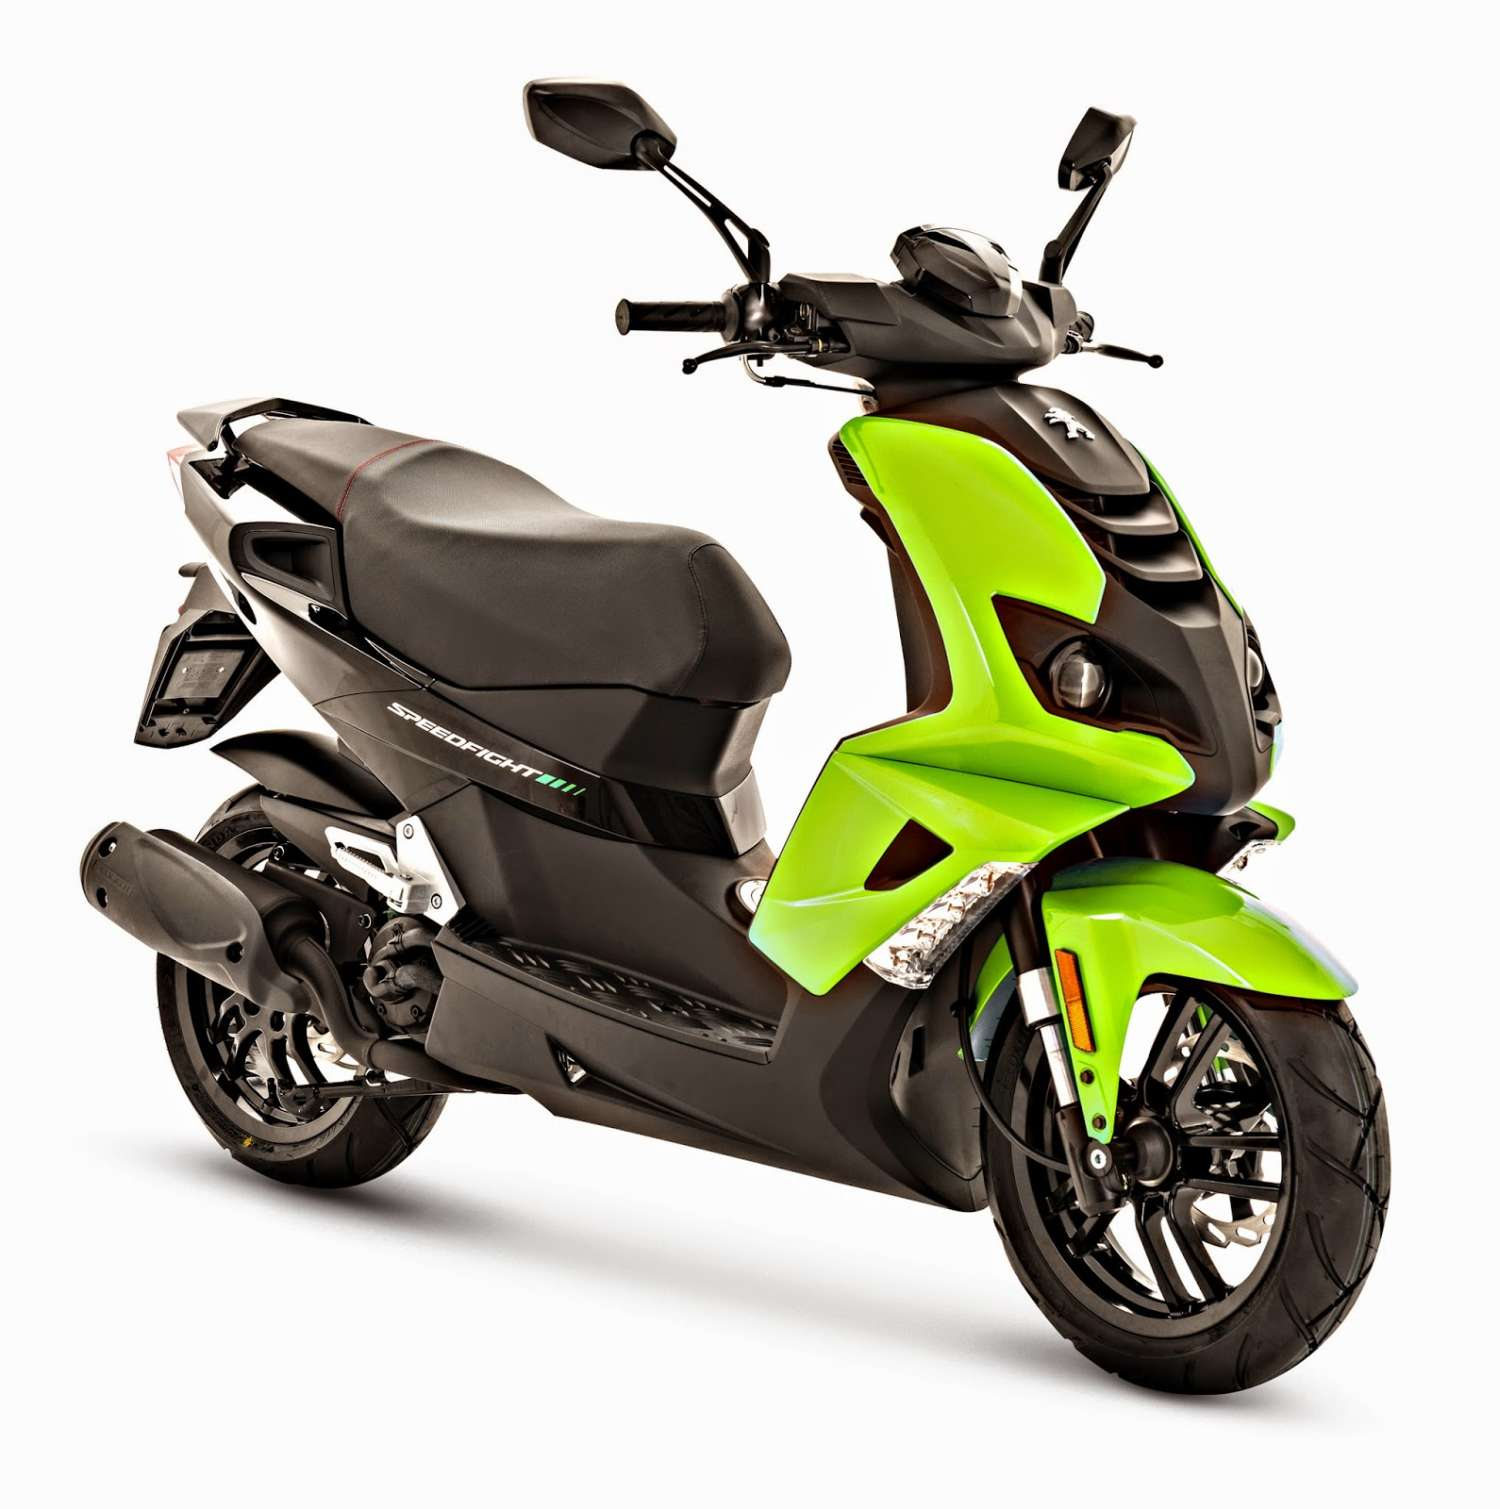 Kawasaki Z300 | 2015 new motorcycles | MoreBikes